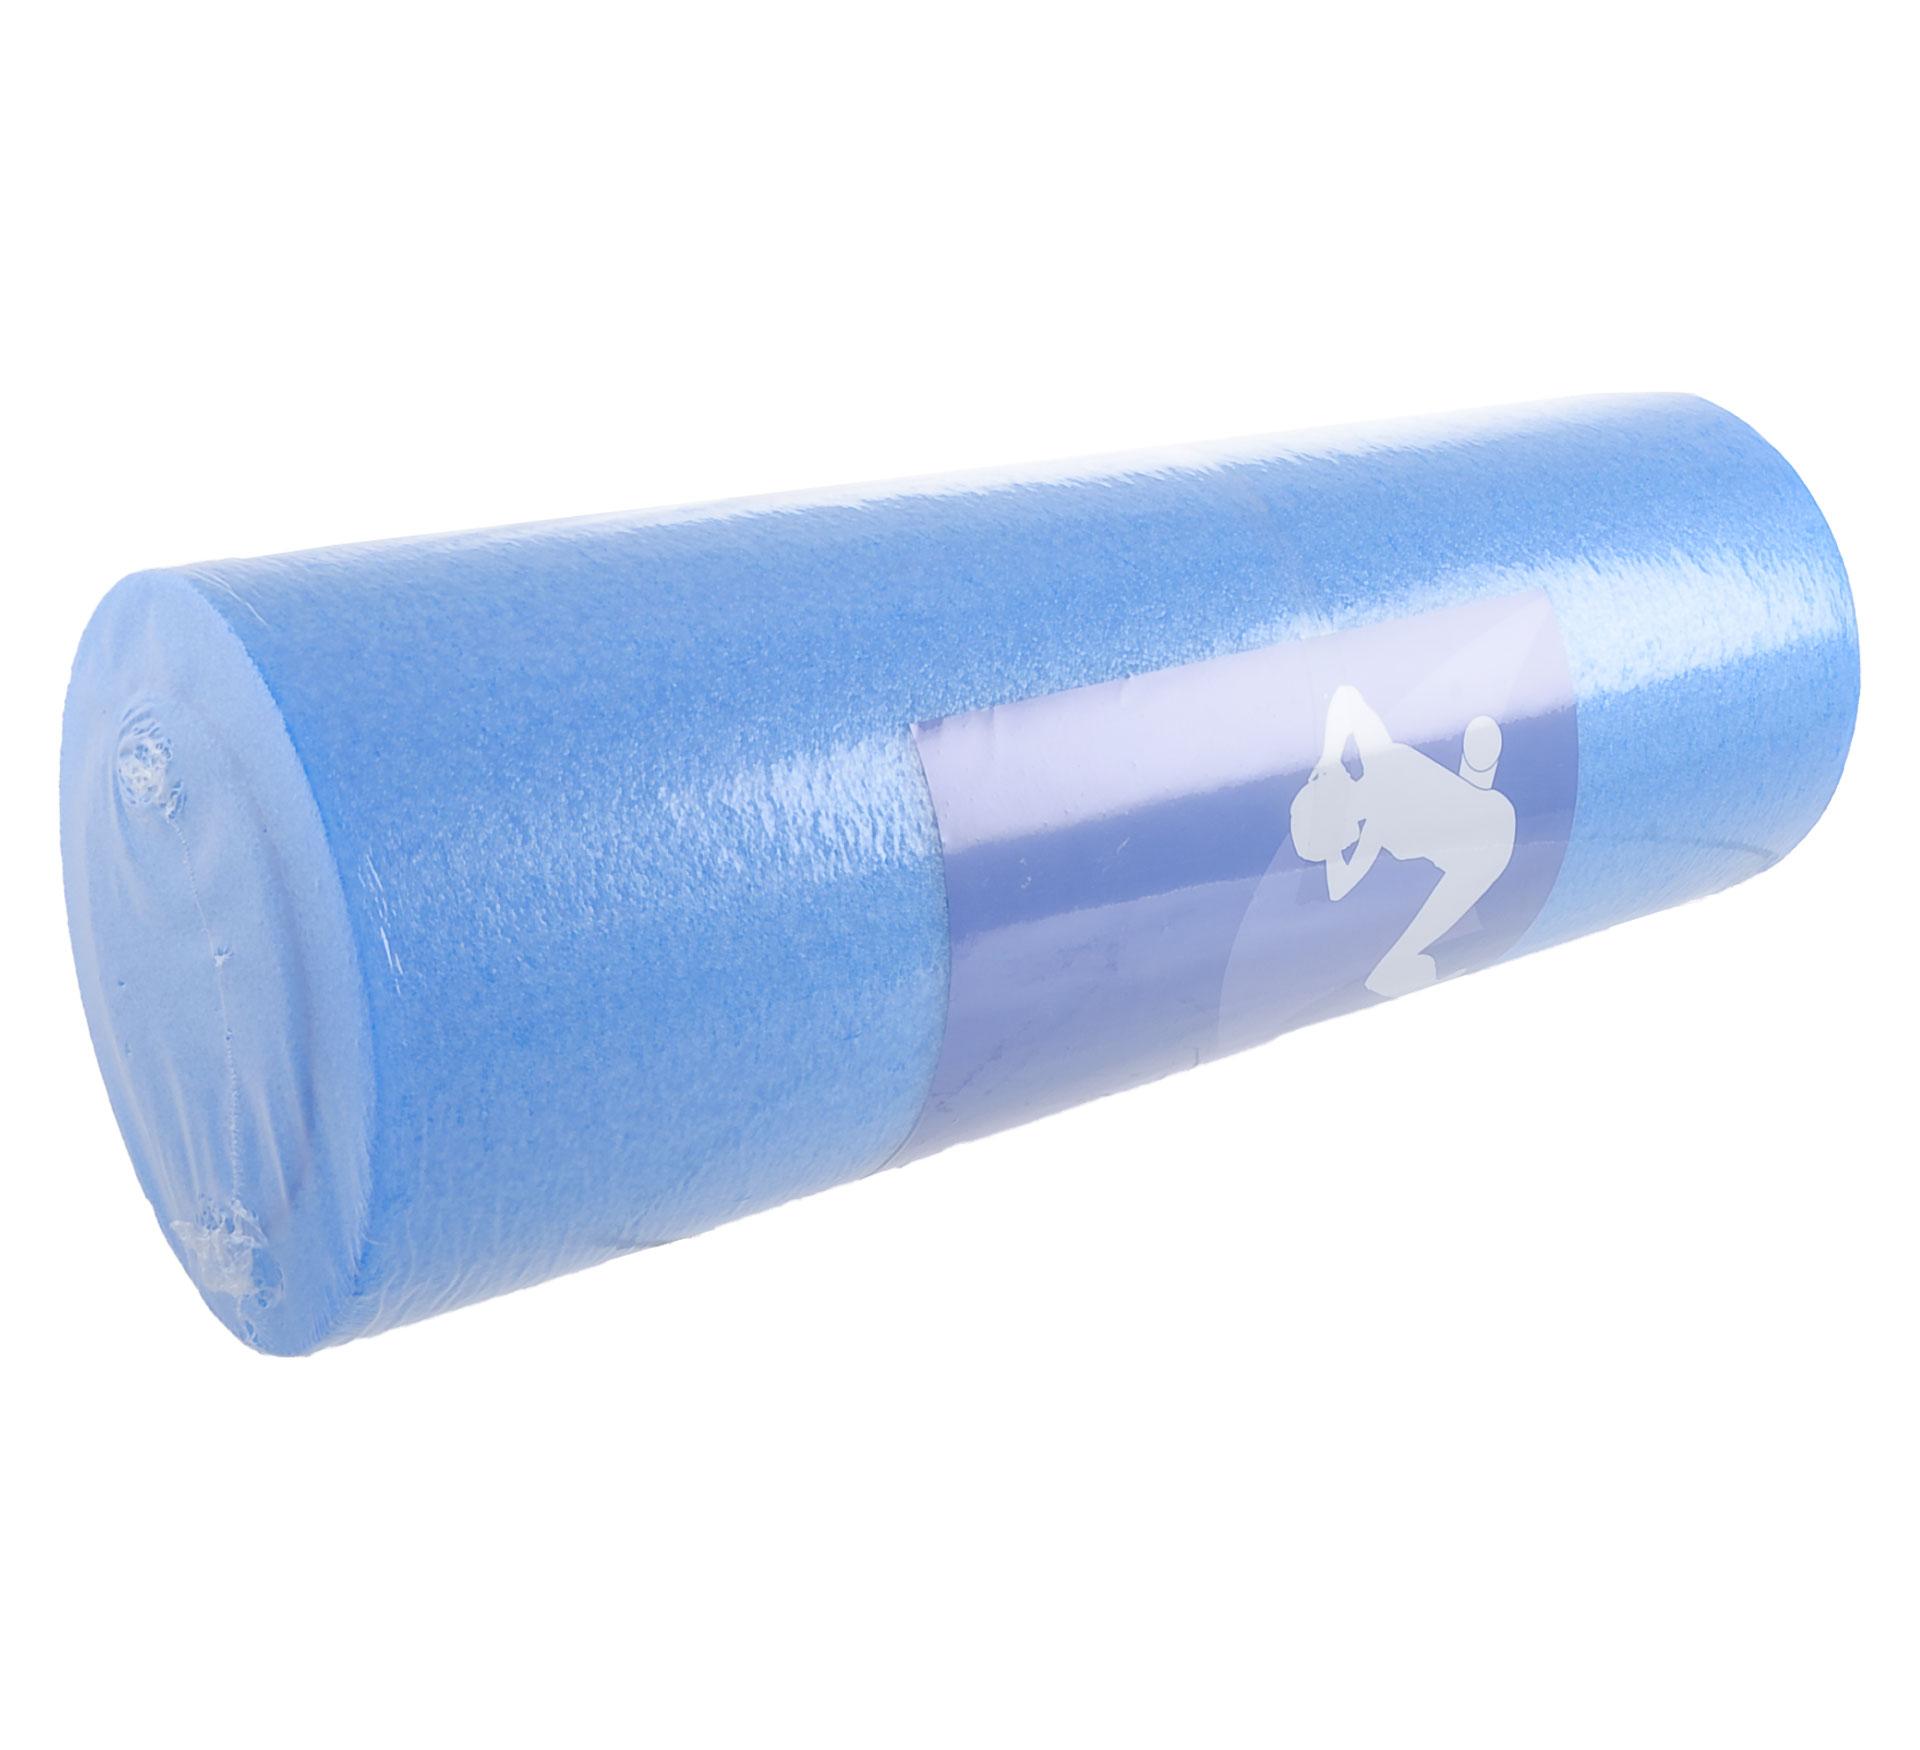 More Mile Foam Roller 45cm blauw